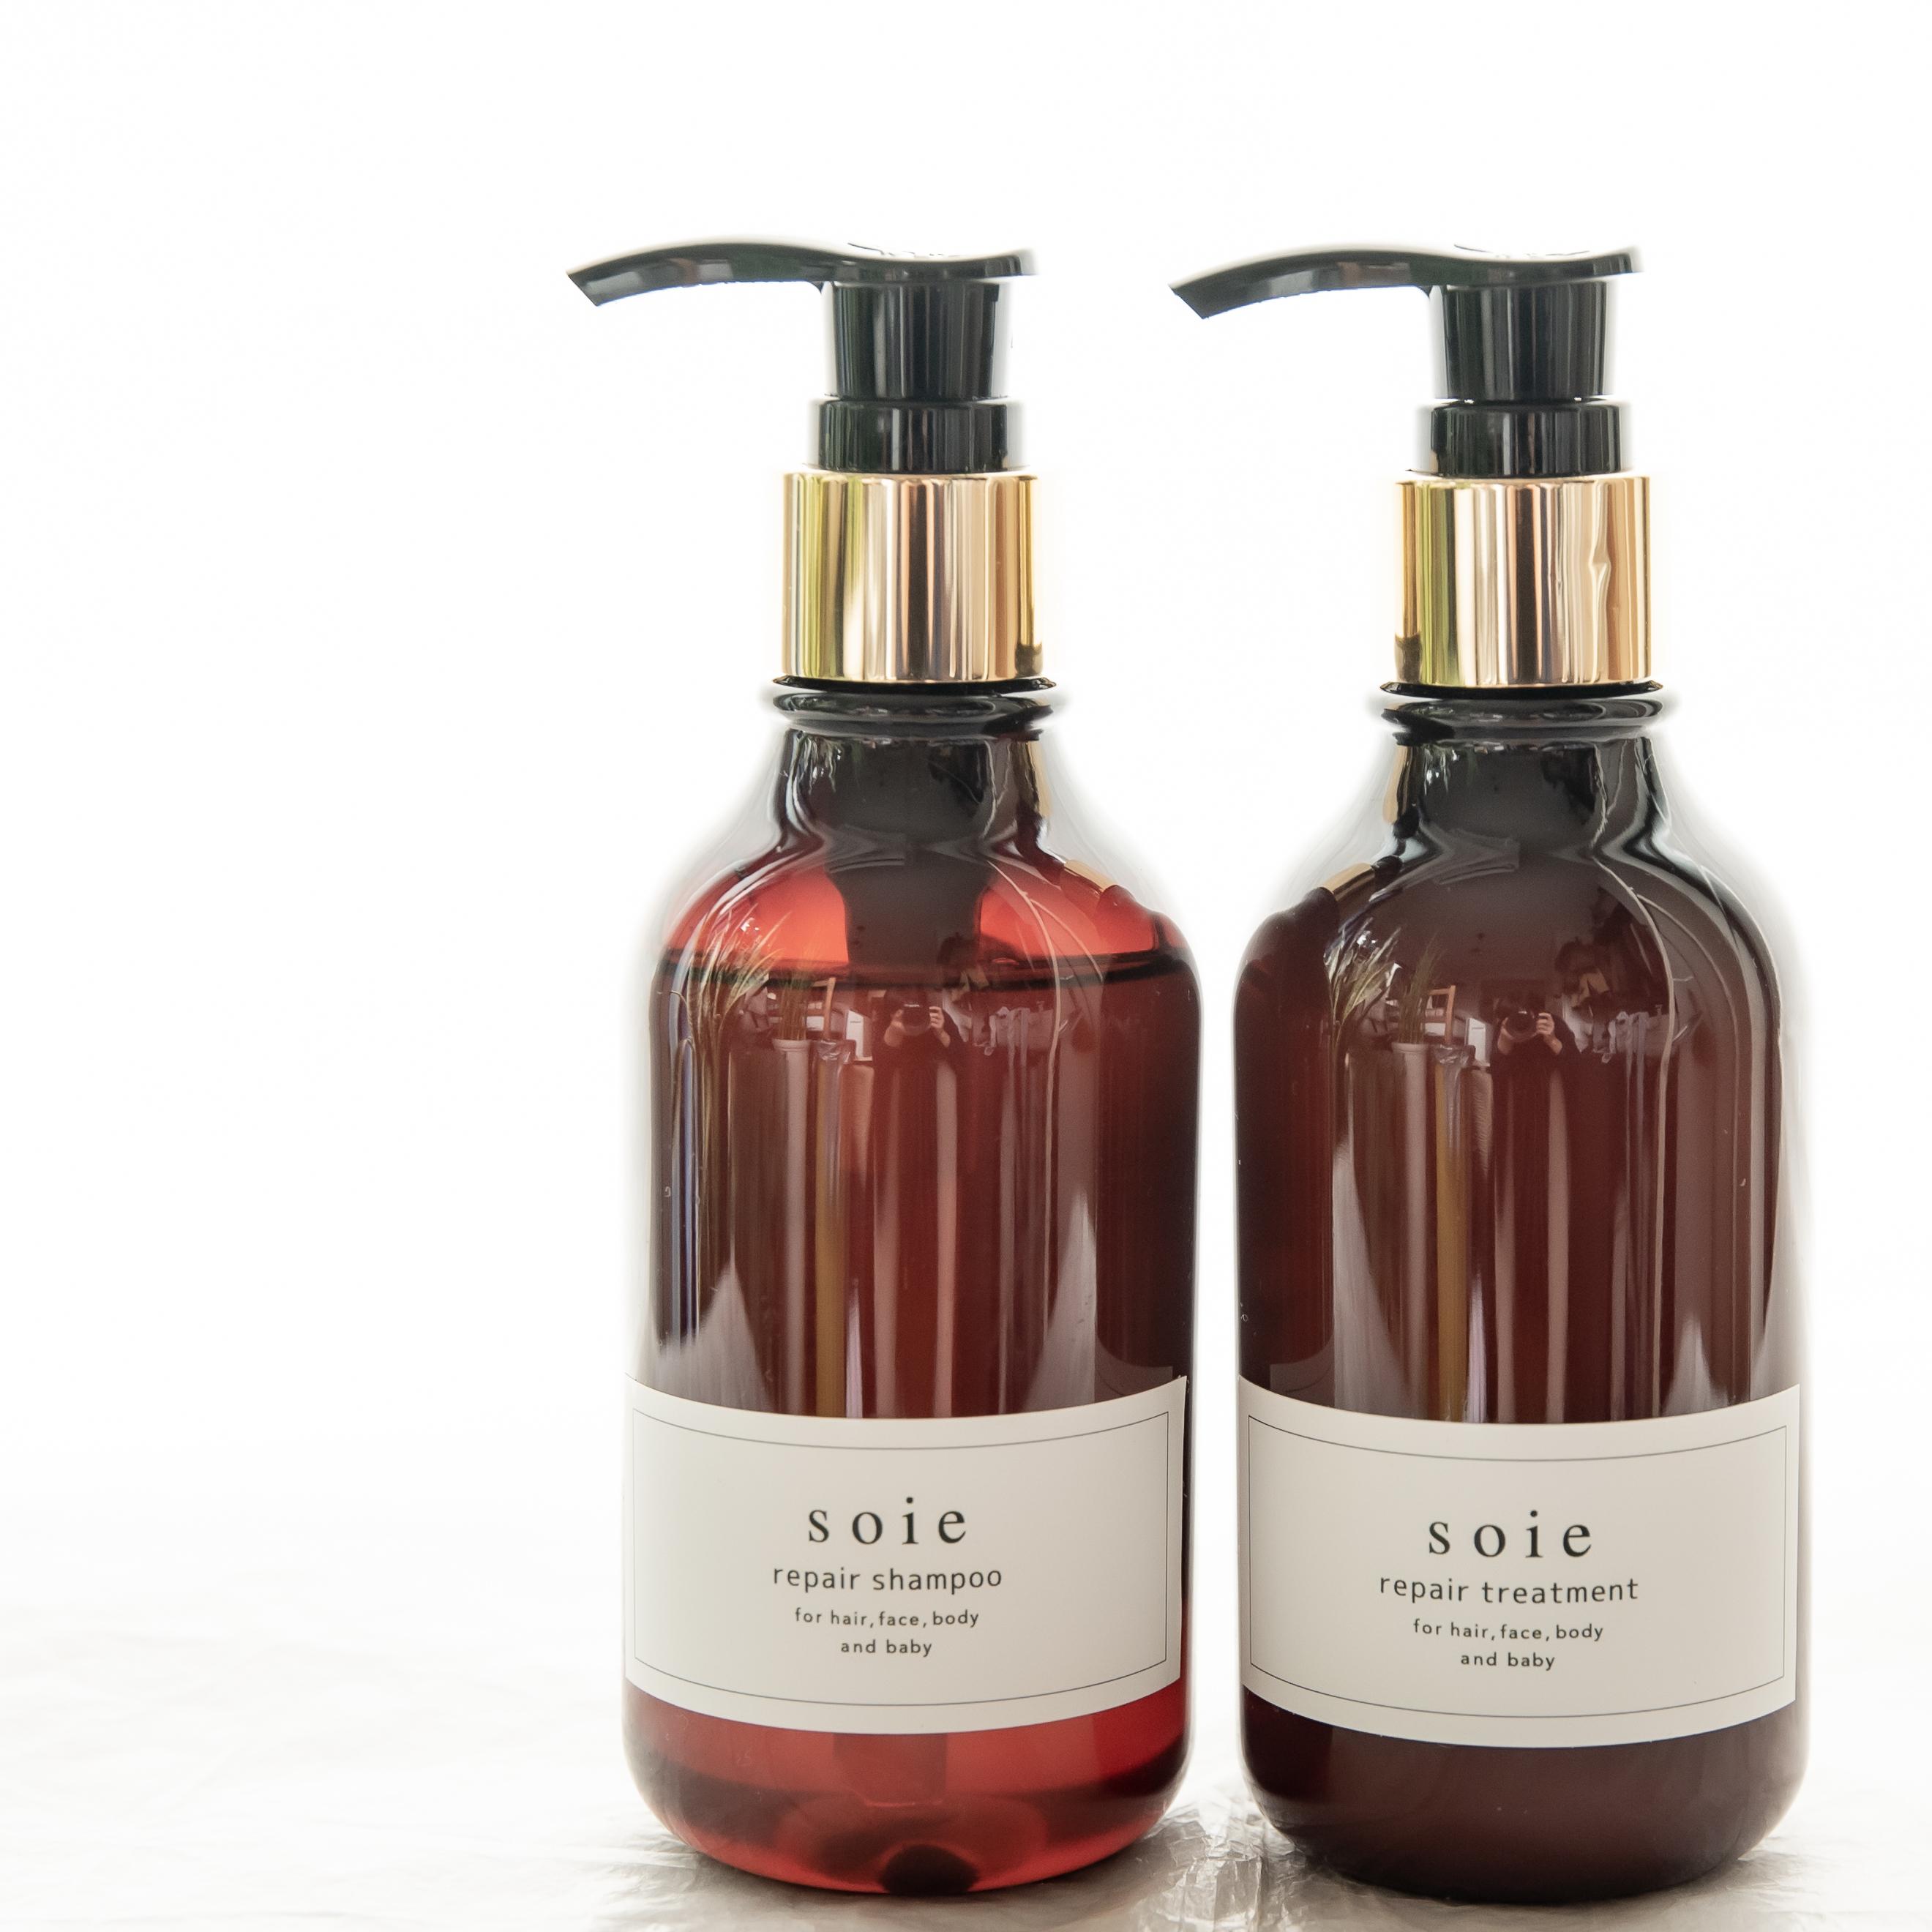 """【特別価格】全身保湿シャンプー 200 ml & トリートメント200 g プレミアムパッケージ2点セット ノンシリコンなのにキシキシしない """" うるツヤ """" の髪に 敏感肌・乾燥肌の方にも安心・安全"""